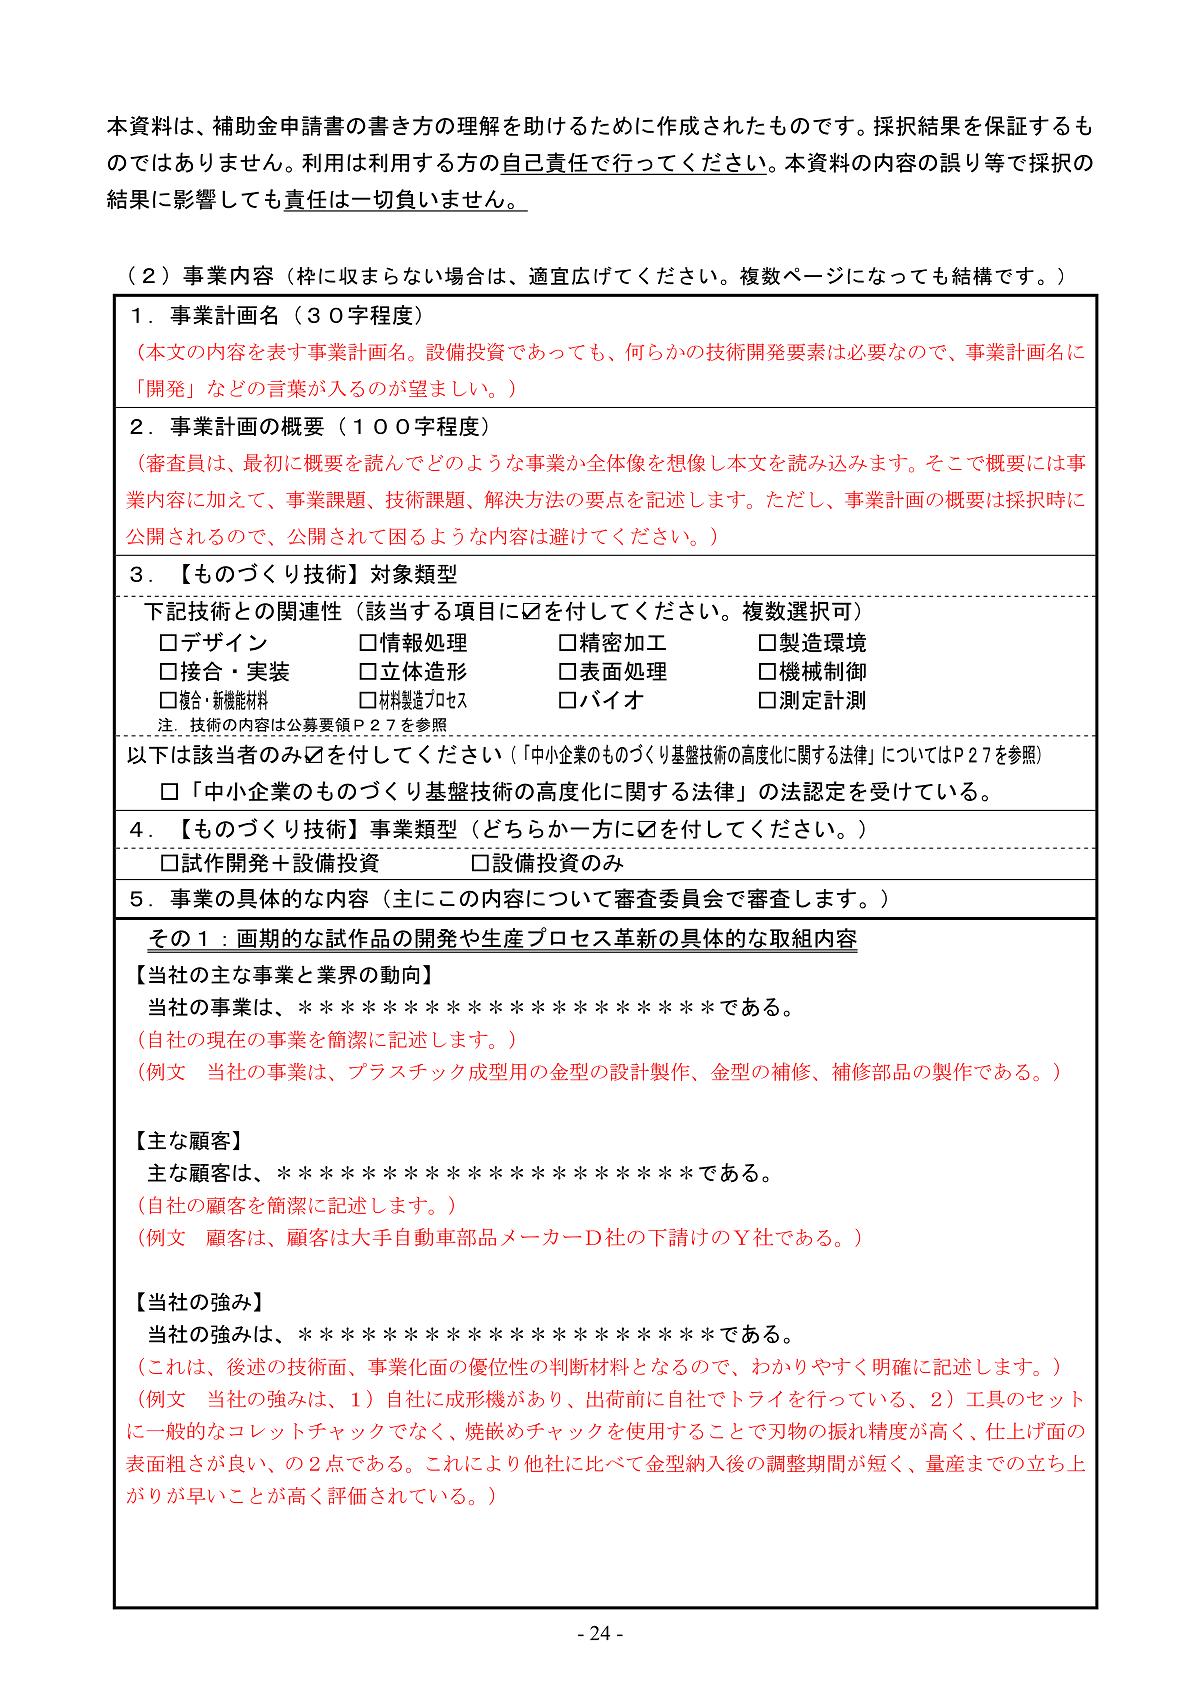 ものづくり補助金申請書作成ガイド サンプル2